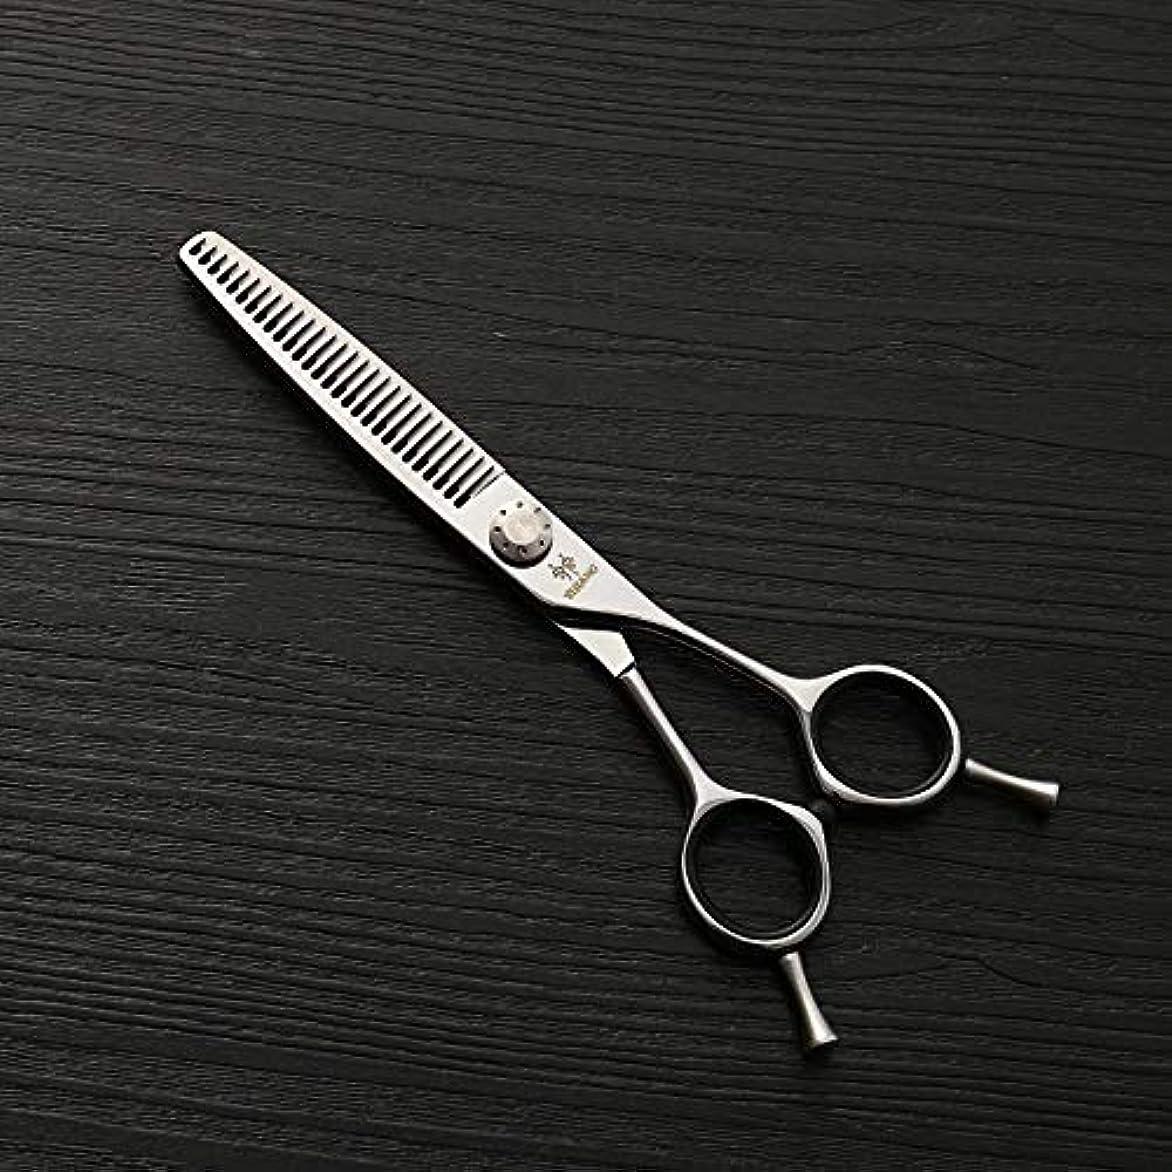 職業ギャング開発6インチの美容院の専門のステンレス鋼の毛の切断用具はさみ、細い歯の切断の魚骨はさみ モデリングツール (色 : Silver)